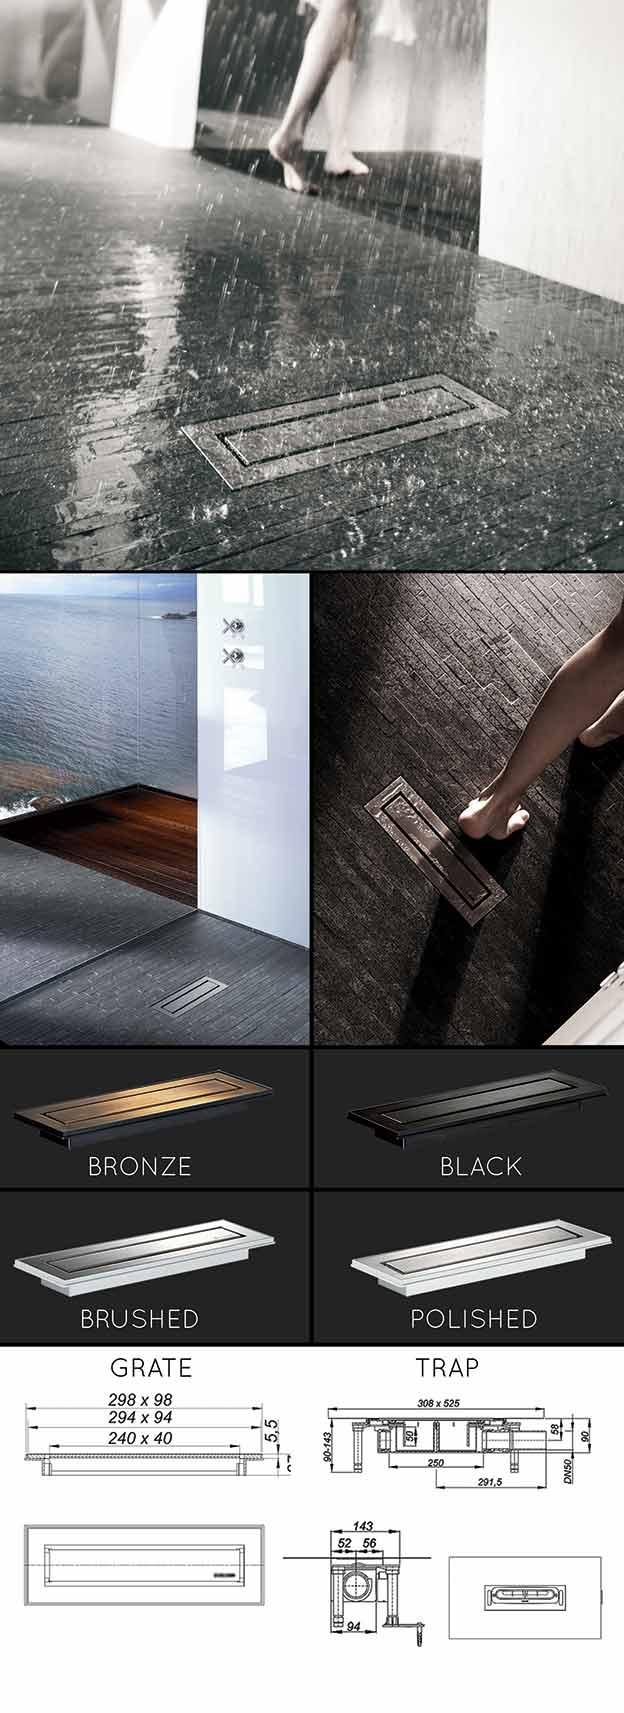 wet room drain shower floor drains shower channel. Black Bedroom Furniture Sets. Home Design Ideas